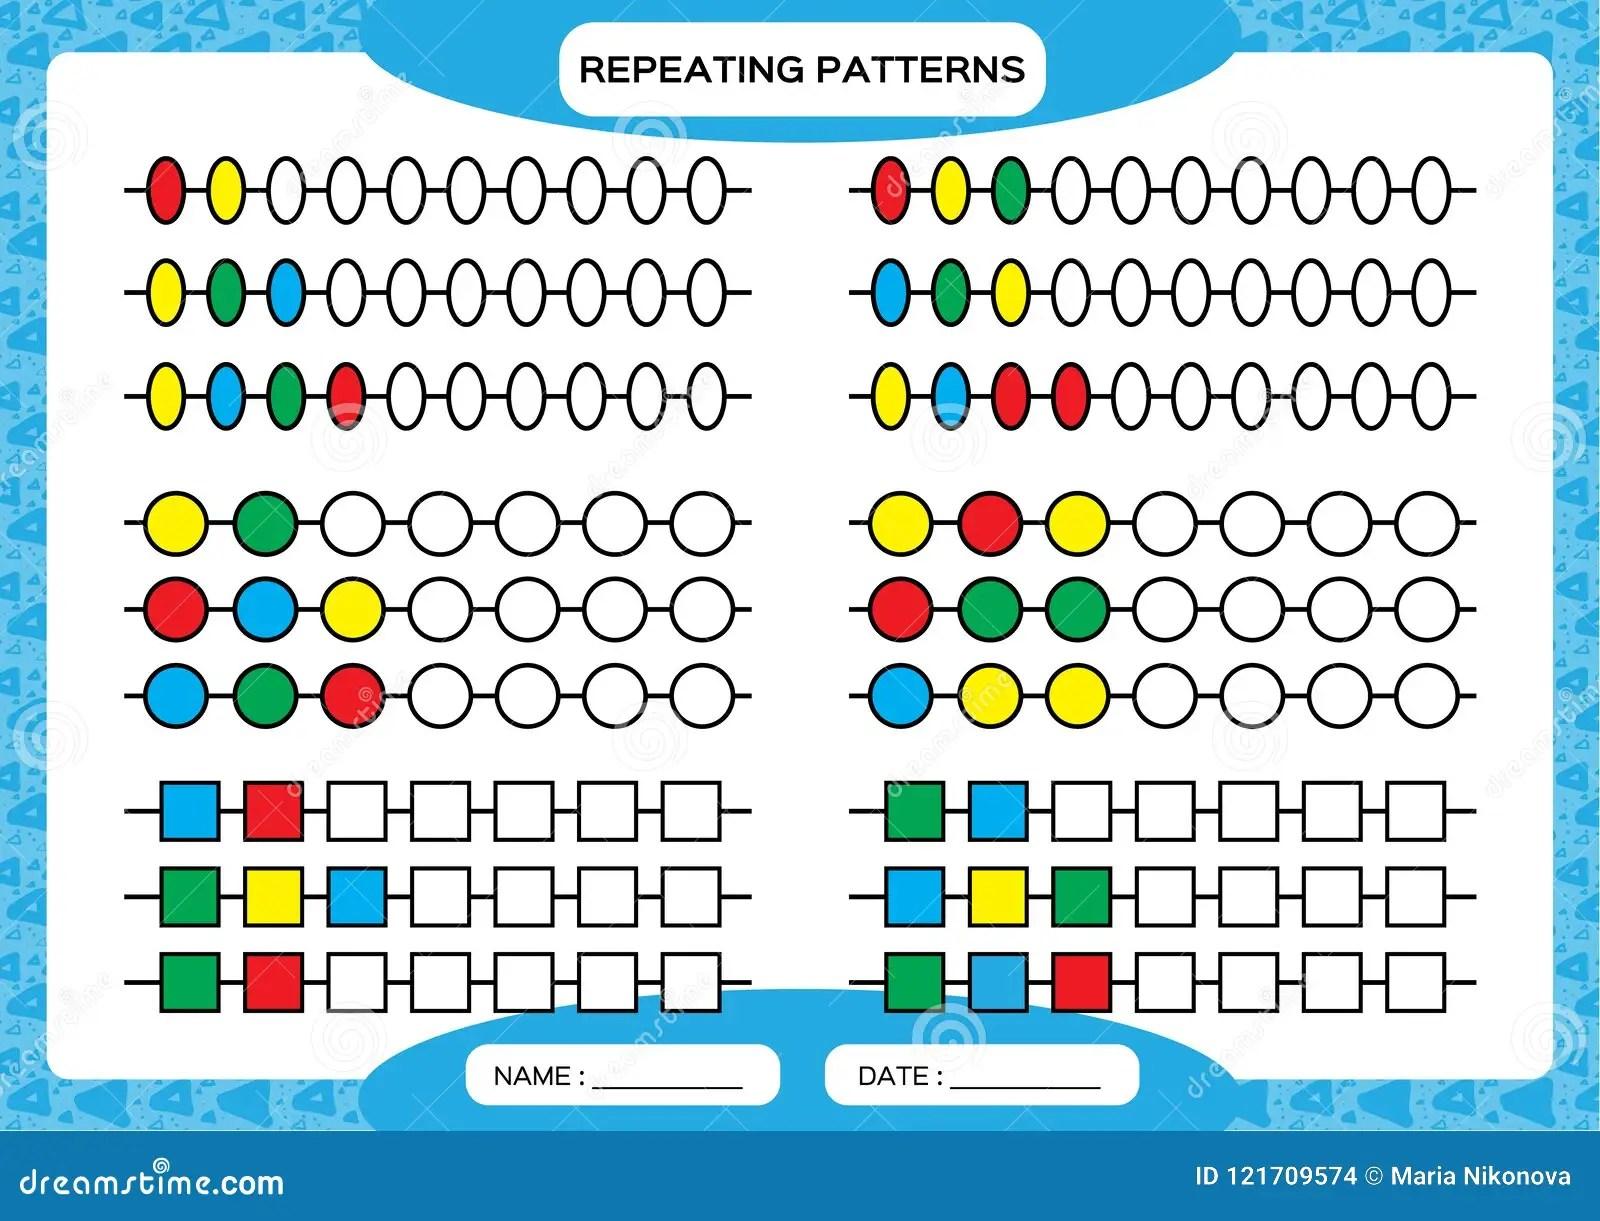 Complete Repeating Patterns Worksheet For Preschool Kids